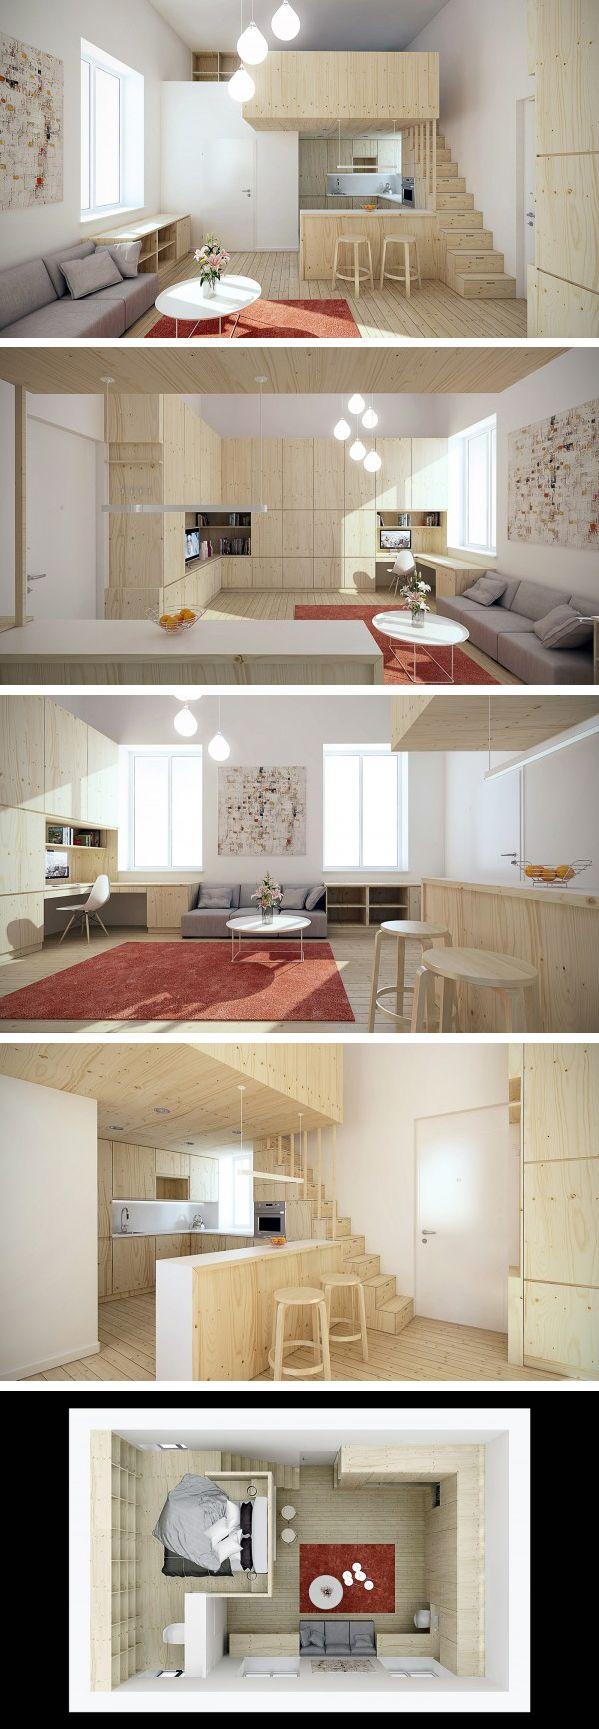 Loft de 25 metros quadrados https://za.pinterest.com/search/pins/?rs=ac&len=2&q=micro+loft+design&0=micro%7Cautocomplete%7C3&1=loft%7Cautocomplete%7C3&2=design%7Cautocomplete%7C3